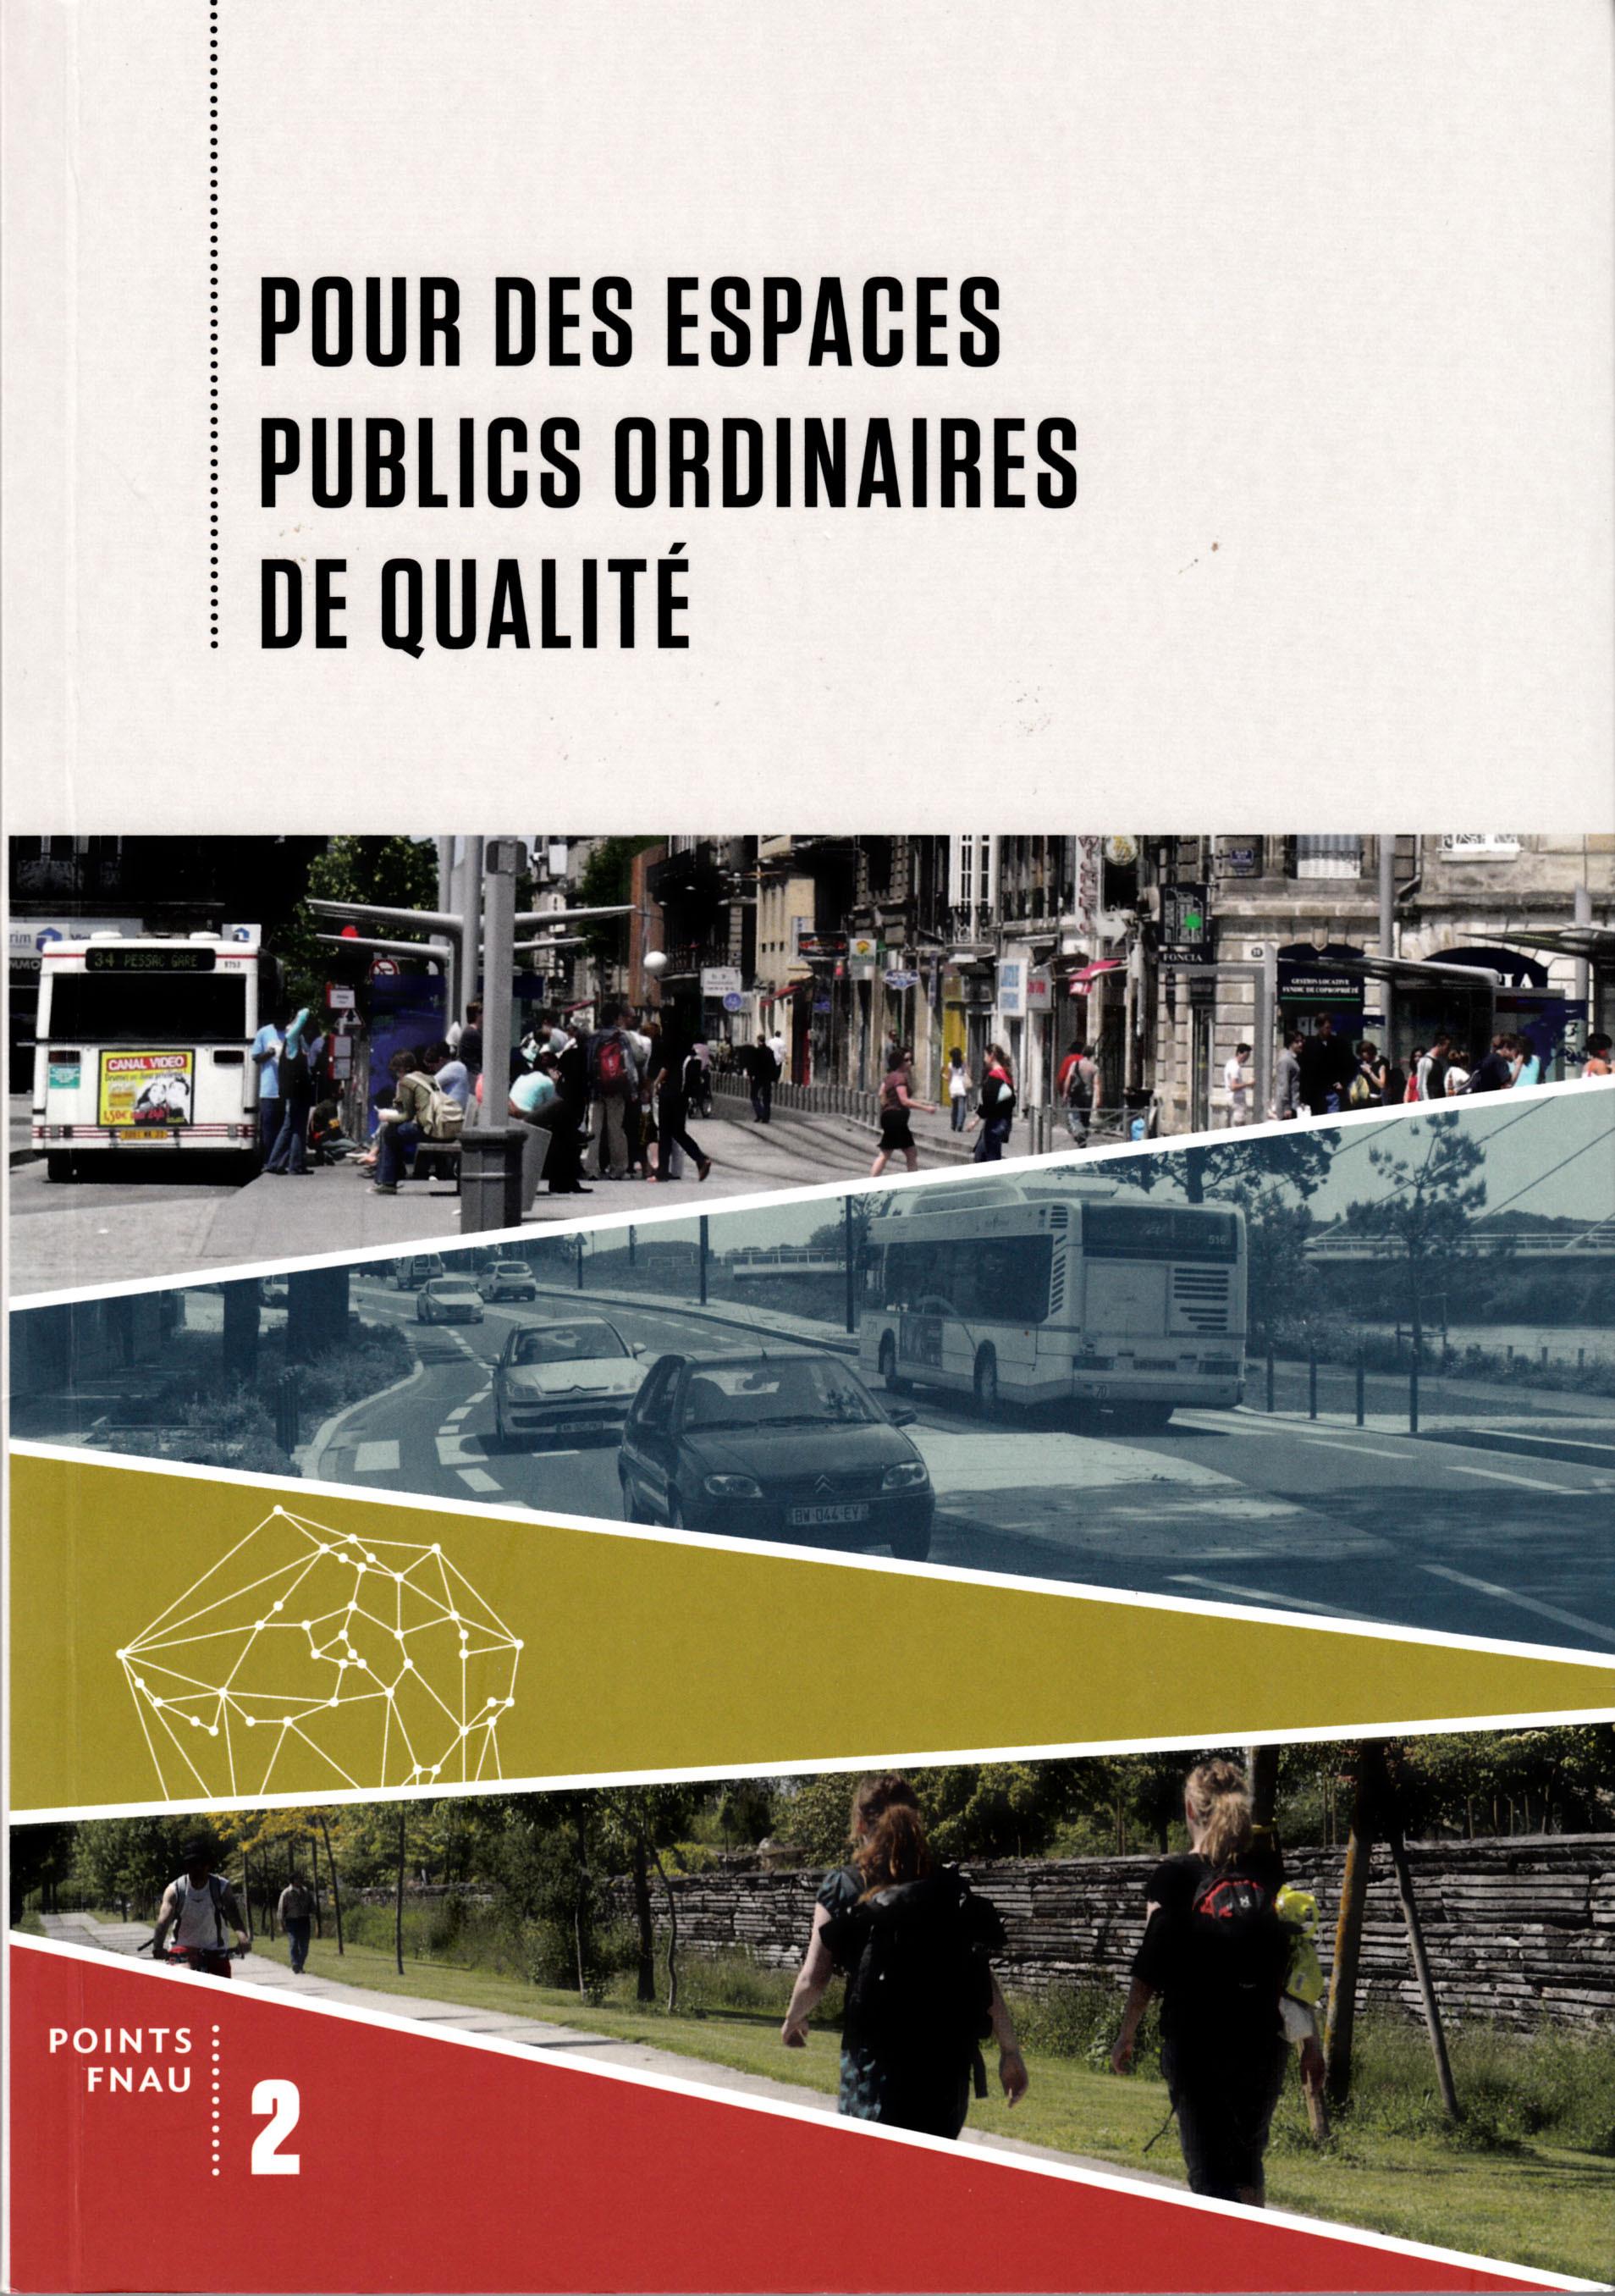 POUR DES ESPACES PUBLICS ORDINAIRES DE QUALITE